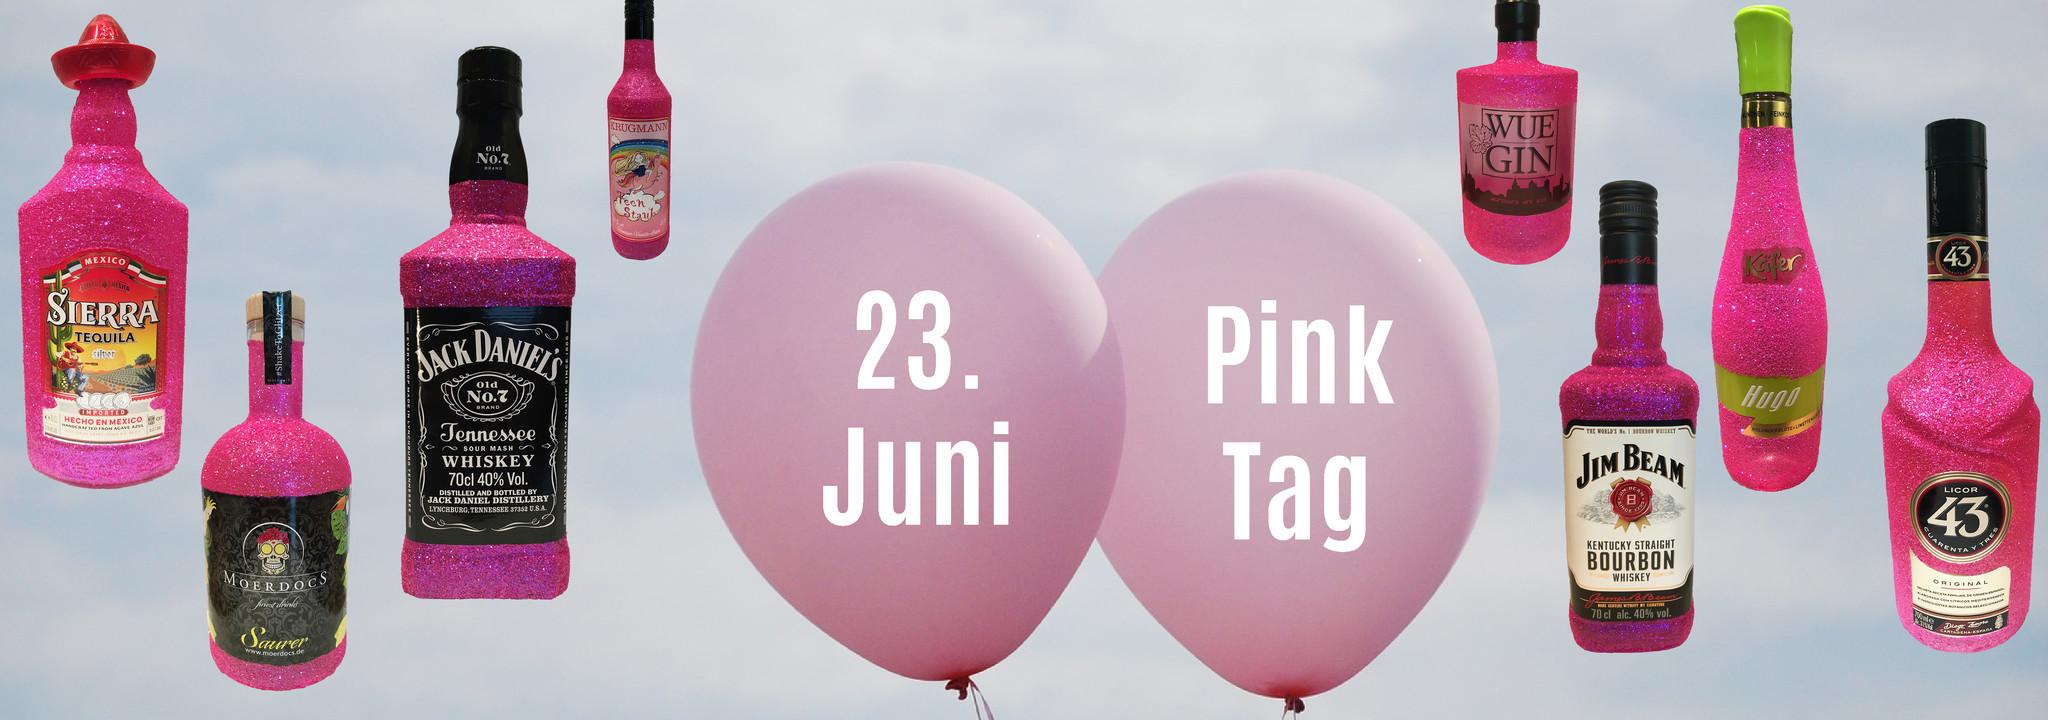 Am 23. Juni ist der Pink Tag - Glitzert mit